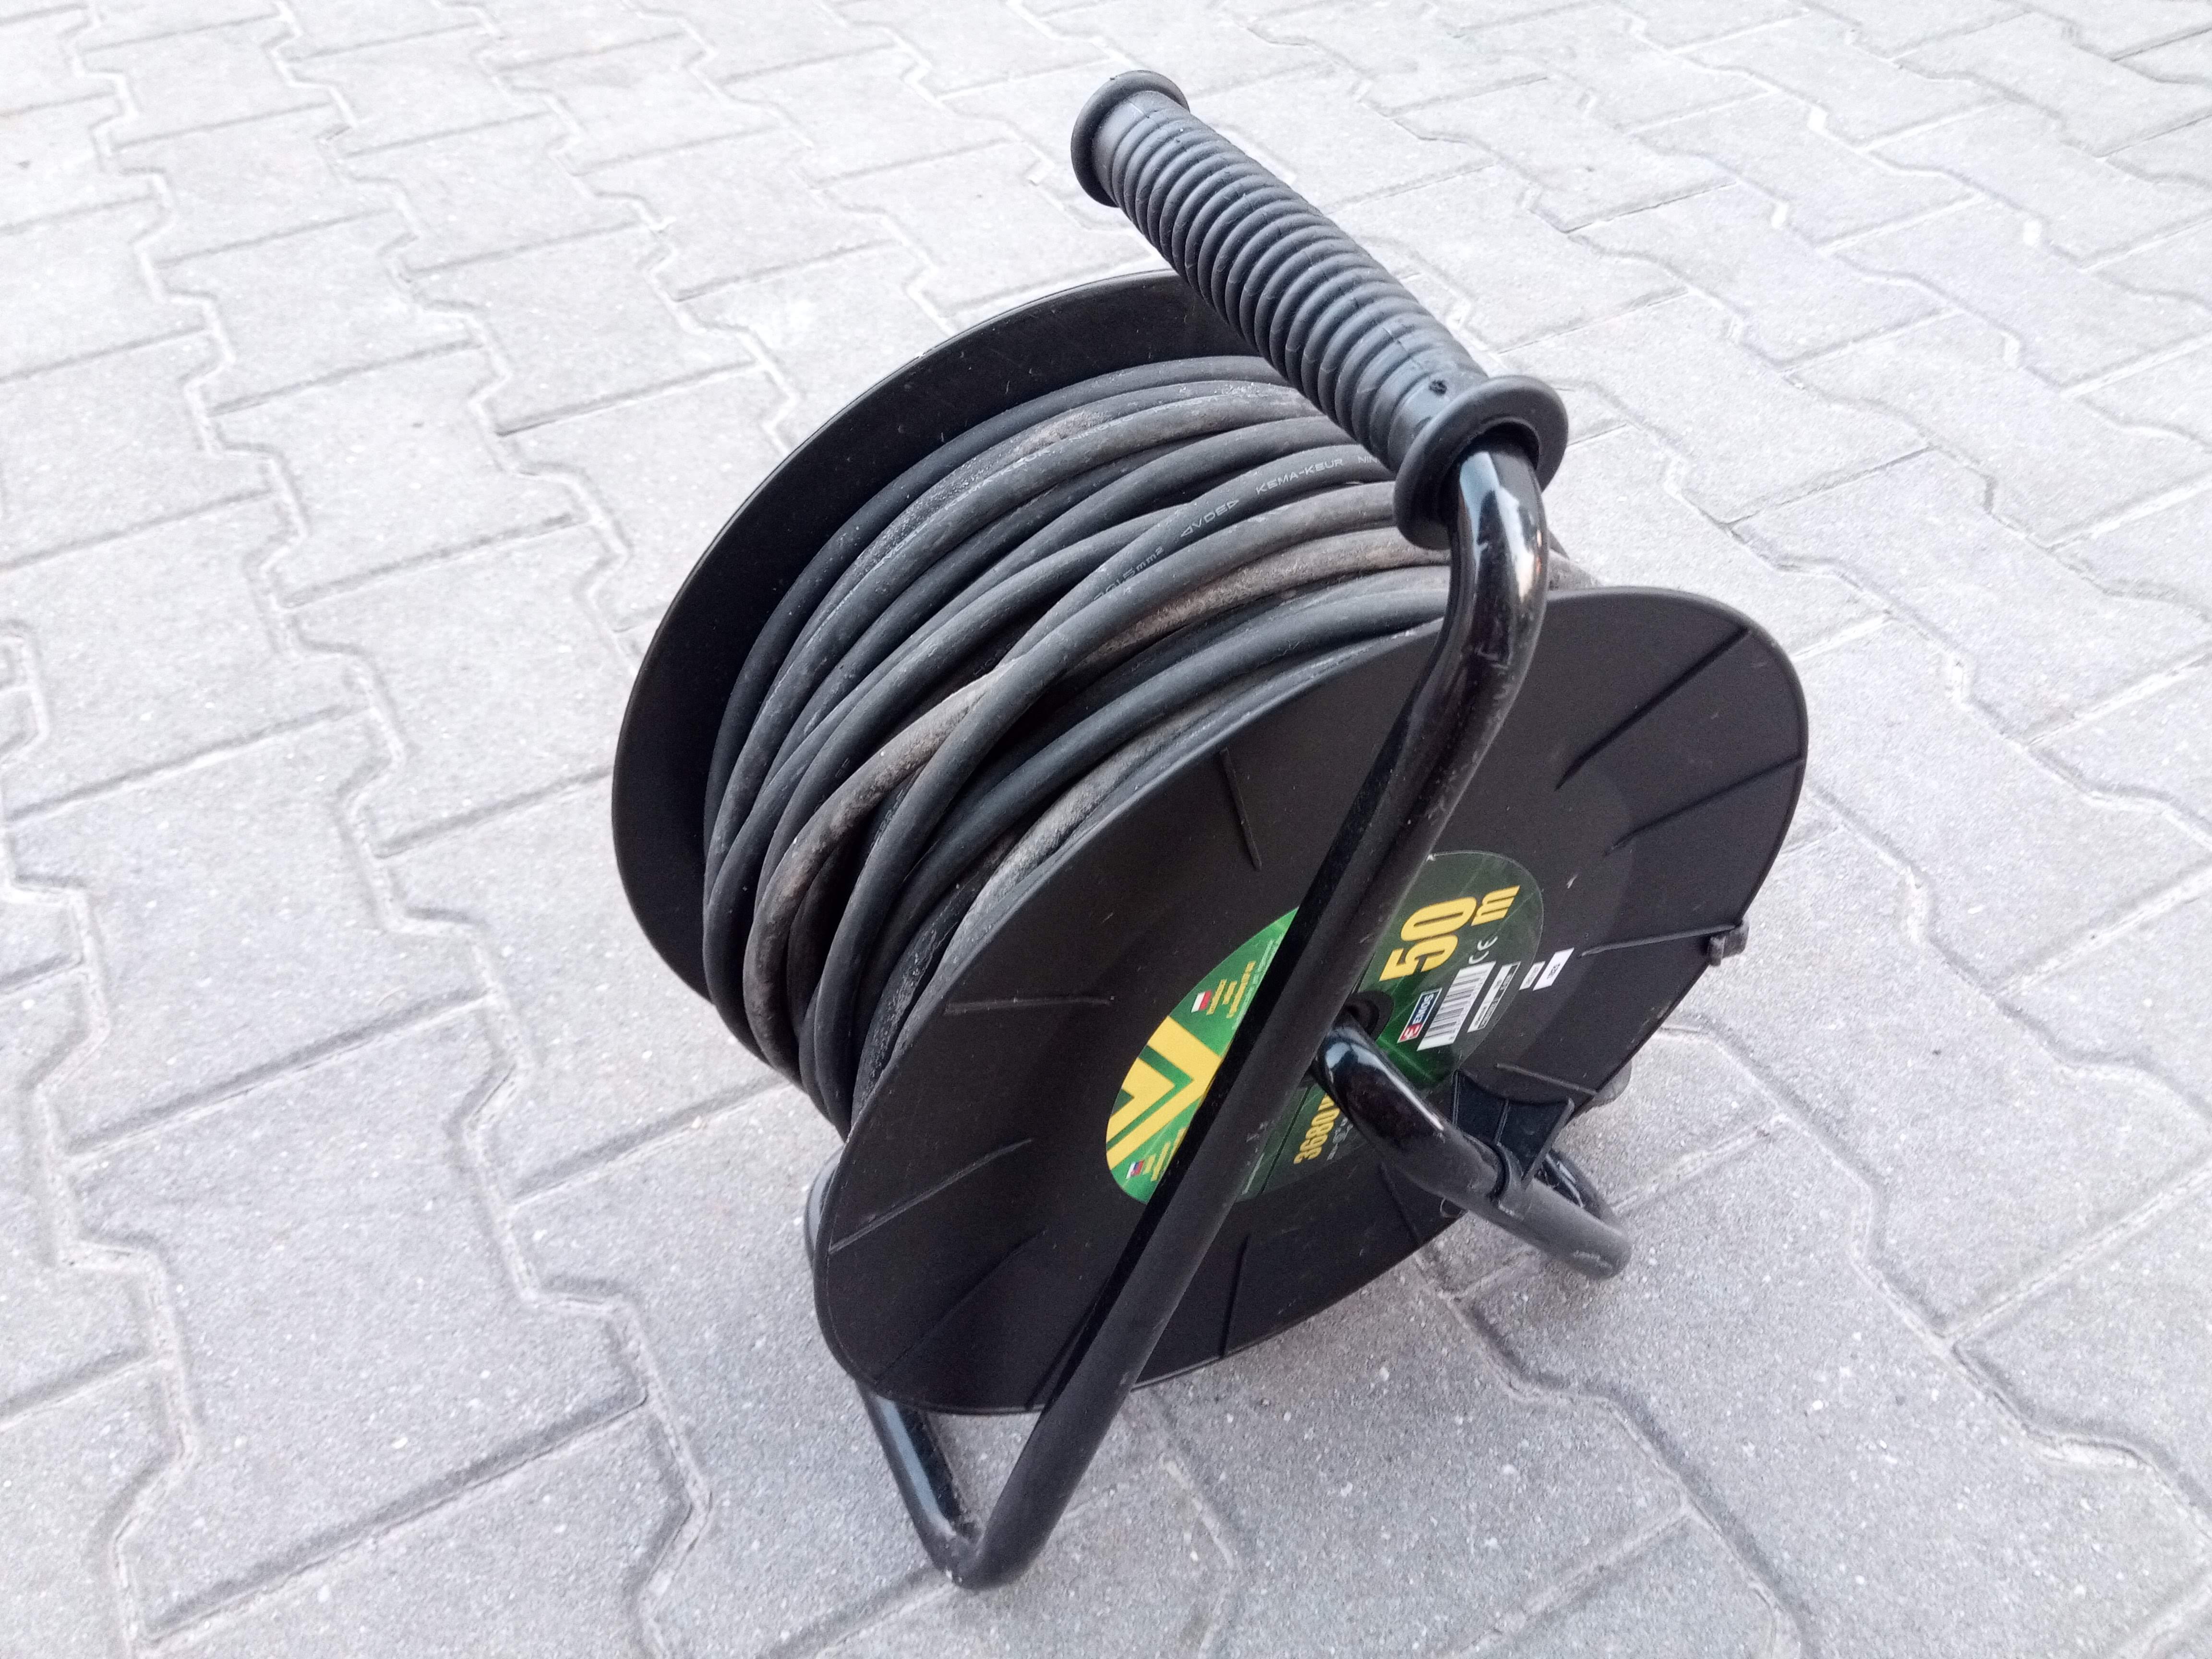 Prodlužovací kabel na bubnu 50m